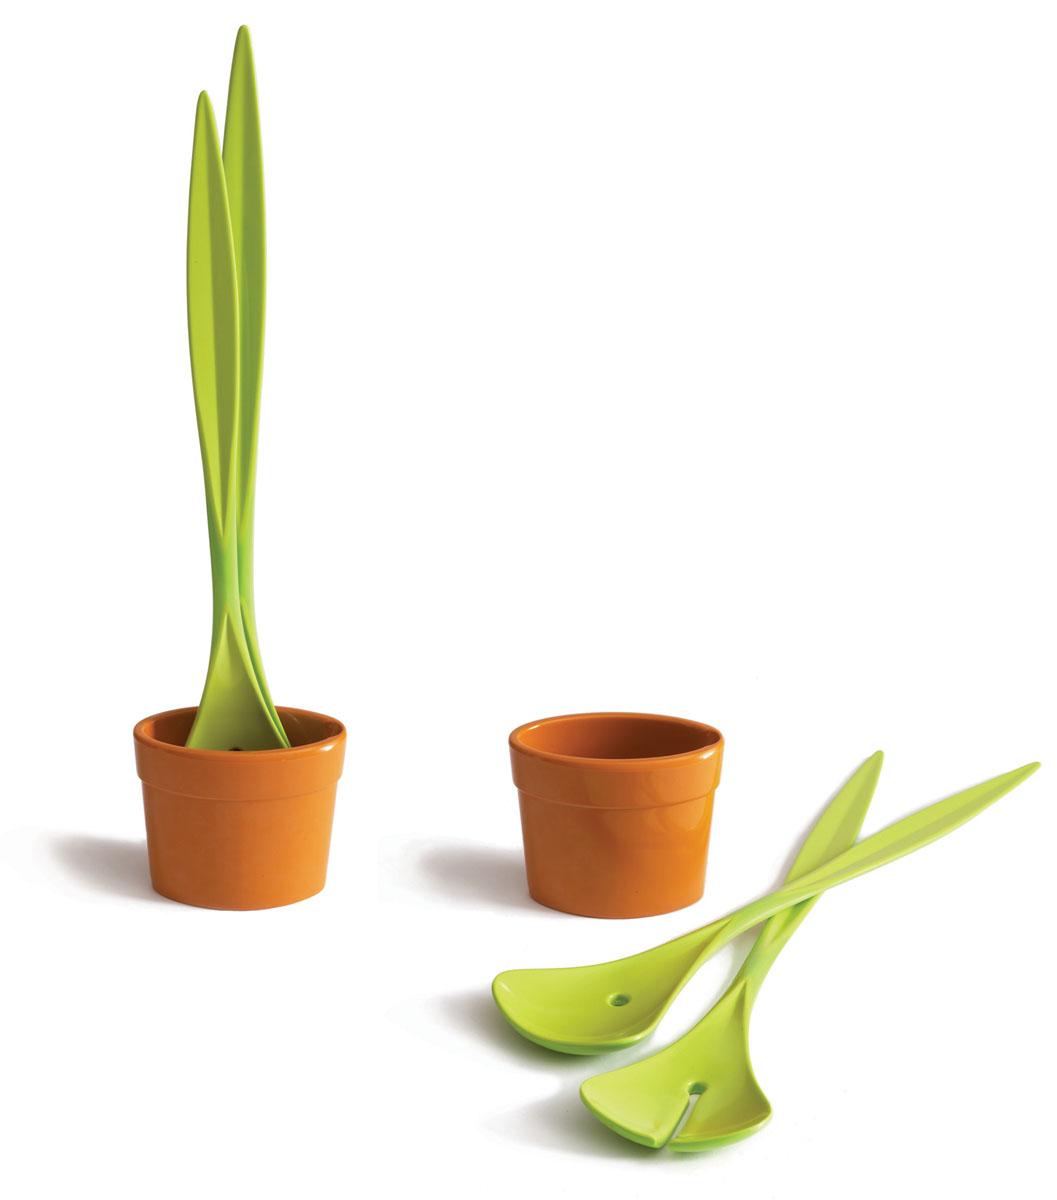 Набор ложек для салата Black+Blum Salad Plan, 3 предметаSP001Набор для салата Salad Plan состоит из двух салатных ложек и емкости для приготовления соуса. Набор выполнен из пищевого прочного пластика. Набор для салата Salad Plan станет незаменимым помощником в приготовлении пищи, а современный стильный дизайн позволит такому набору занять достойное место на вашей кухне, добавив интерьеру оригинальности и изысканности. Набор можно мыть в посудомоечной машине.